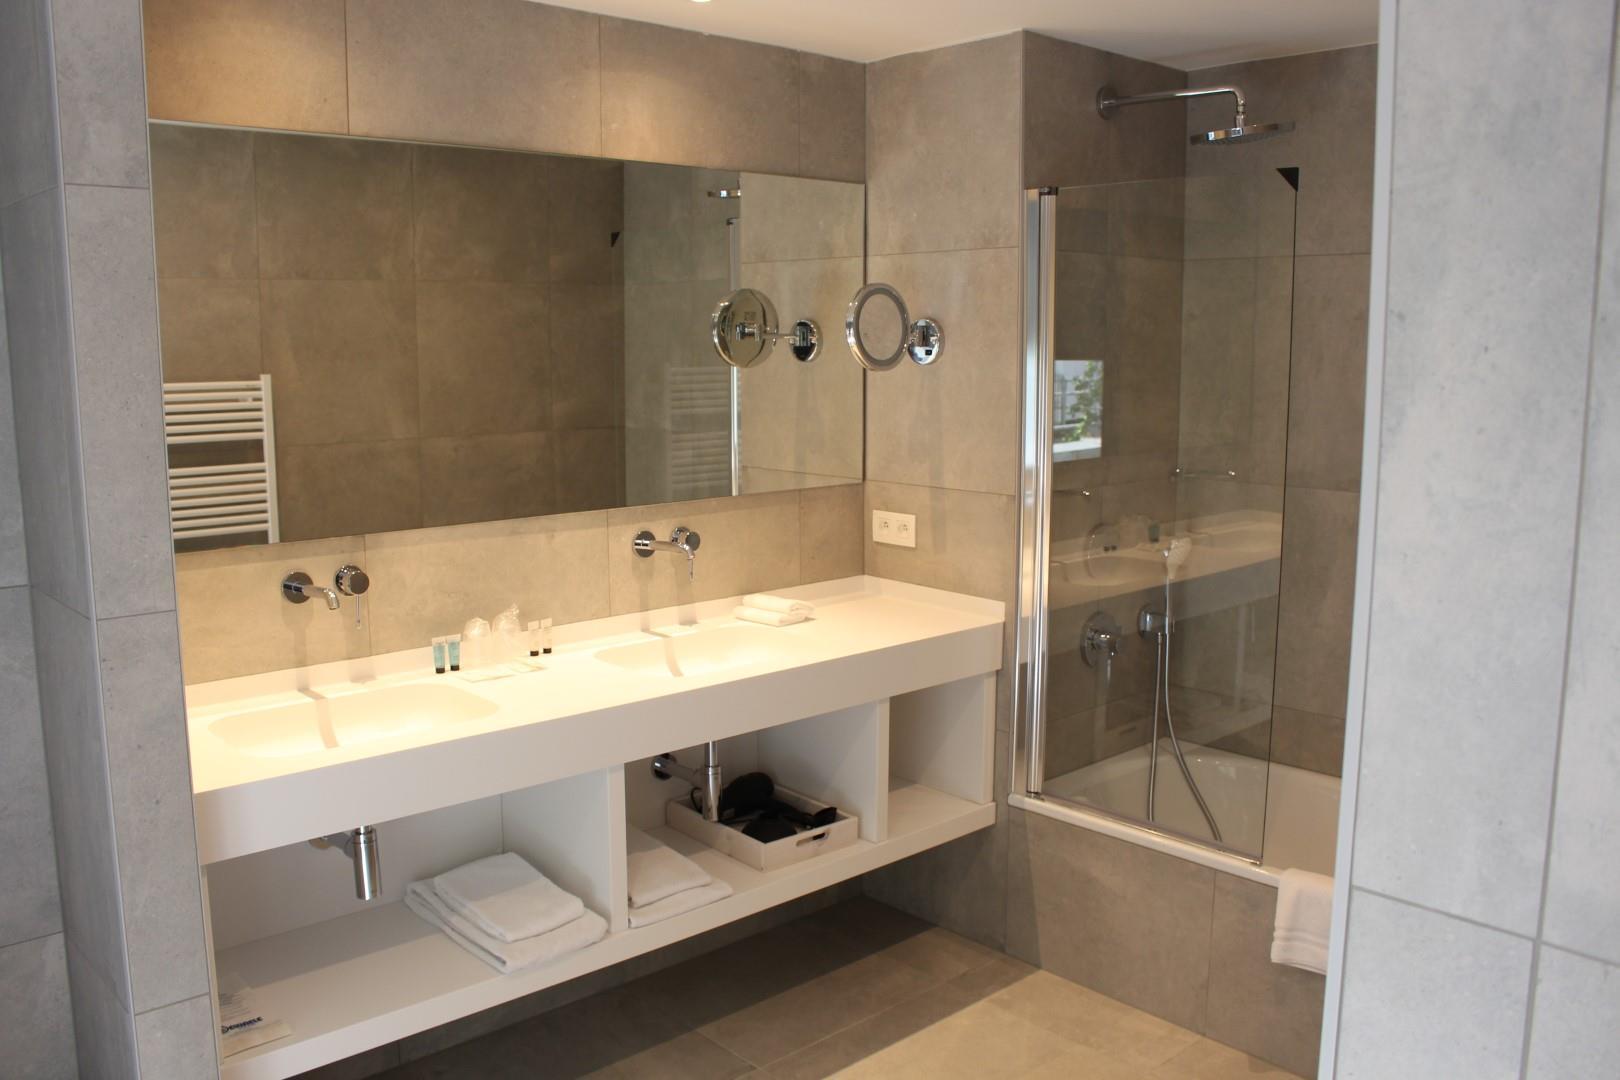 badkamer-junior3-groot.JPG